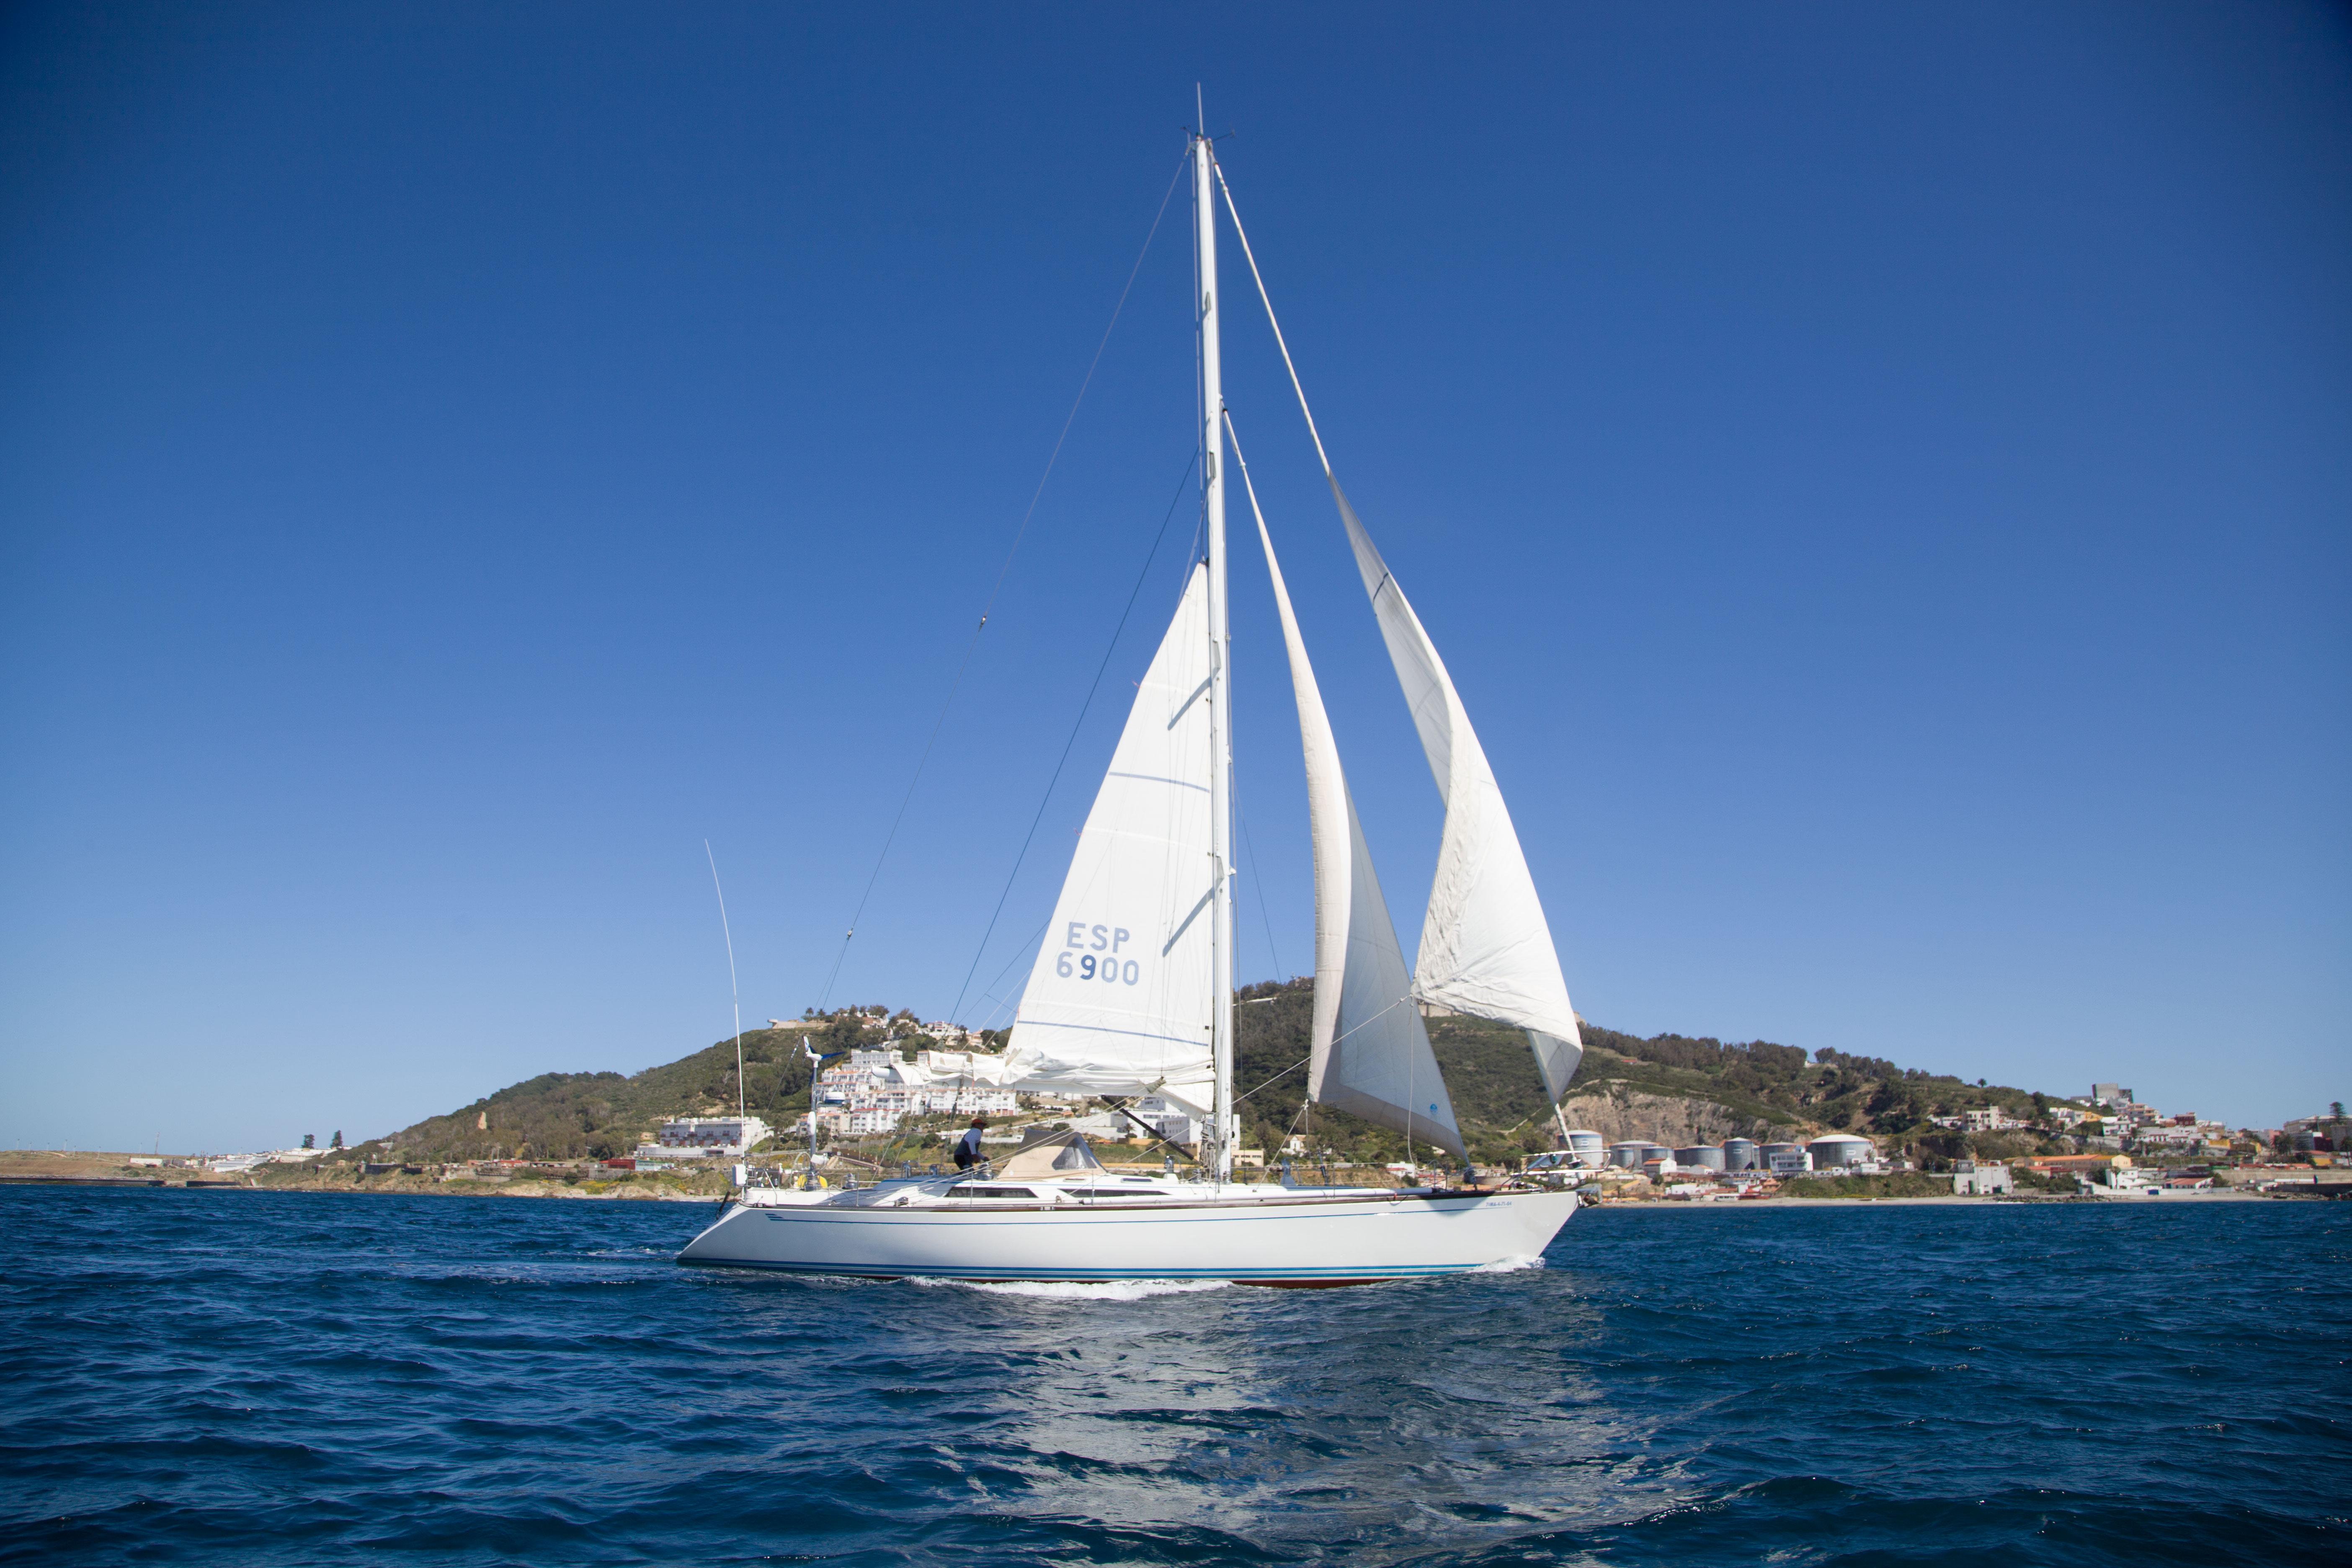 III Regata Intercontinental, embarcación Ceuta.Sí en la competición